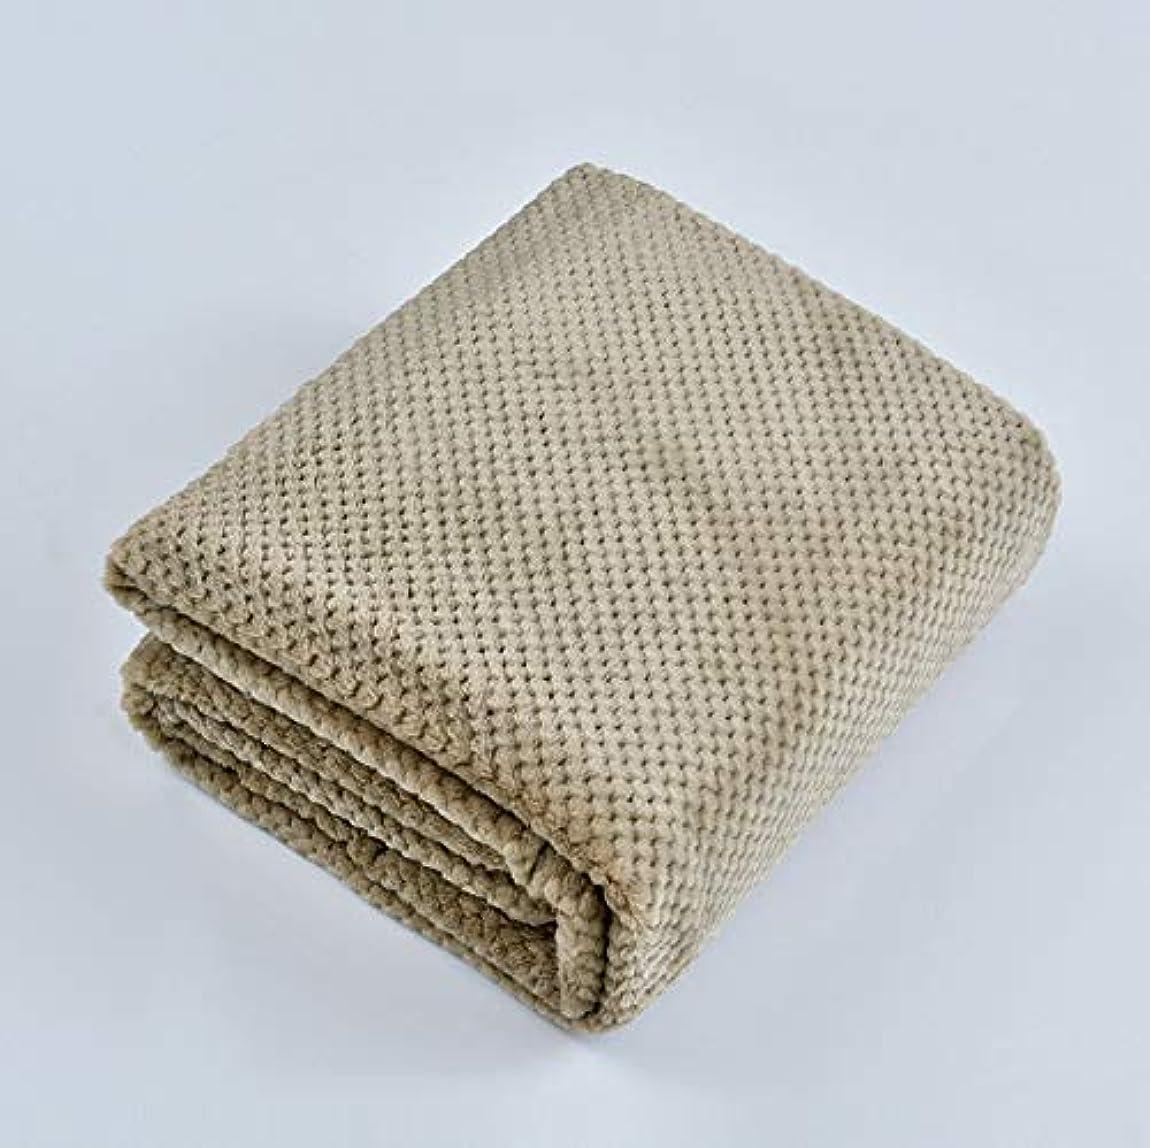 追跡熟す米国クールな春と夏の毛布、シンプルでスタイリッシュなパイナップル柄の夏のクールなキルト、通気性と快適な安全性ダブルタオル毛布ホームギフト (Design : 5, Size : M)